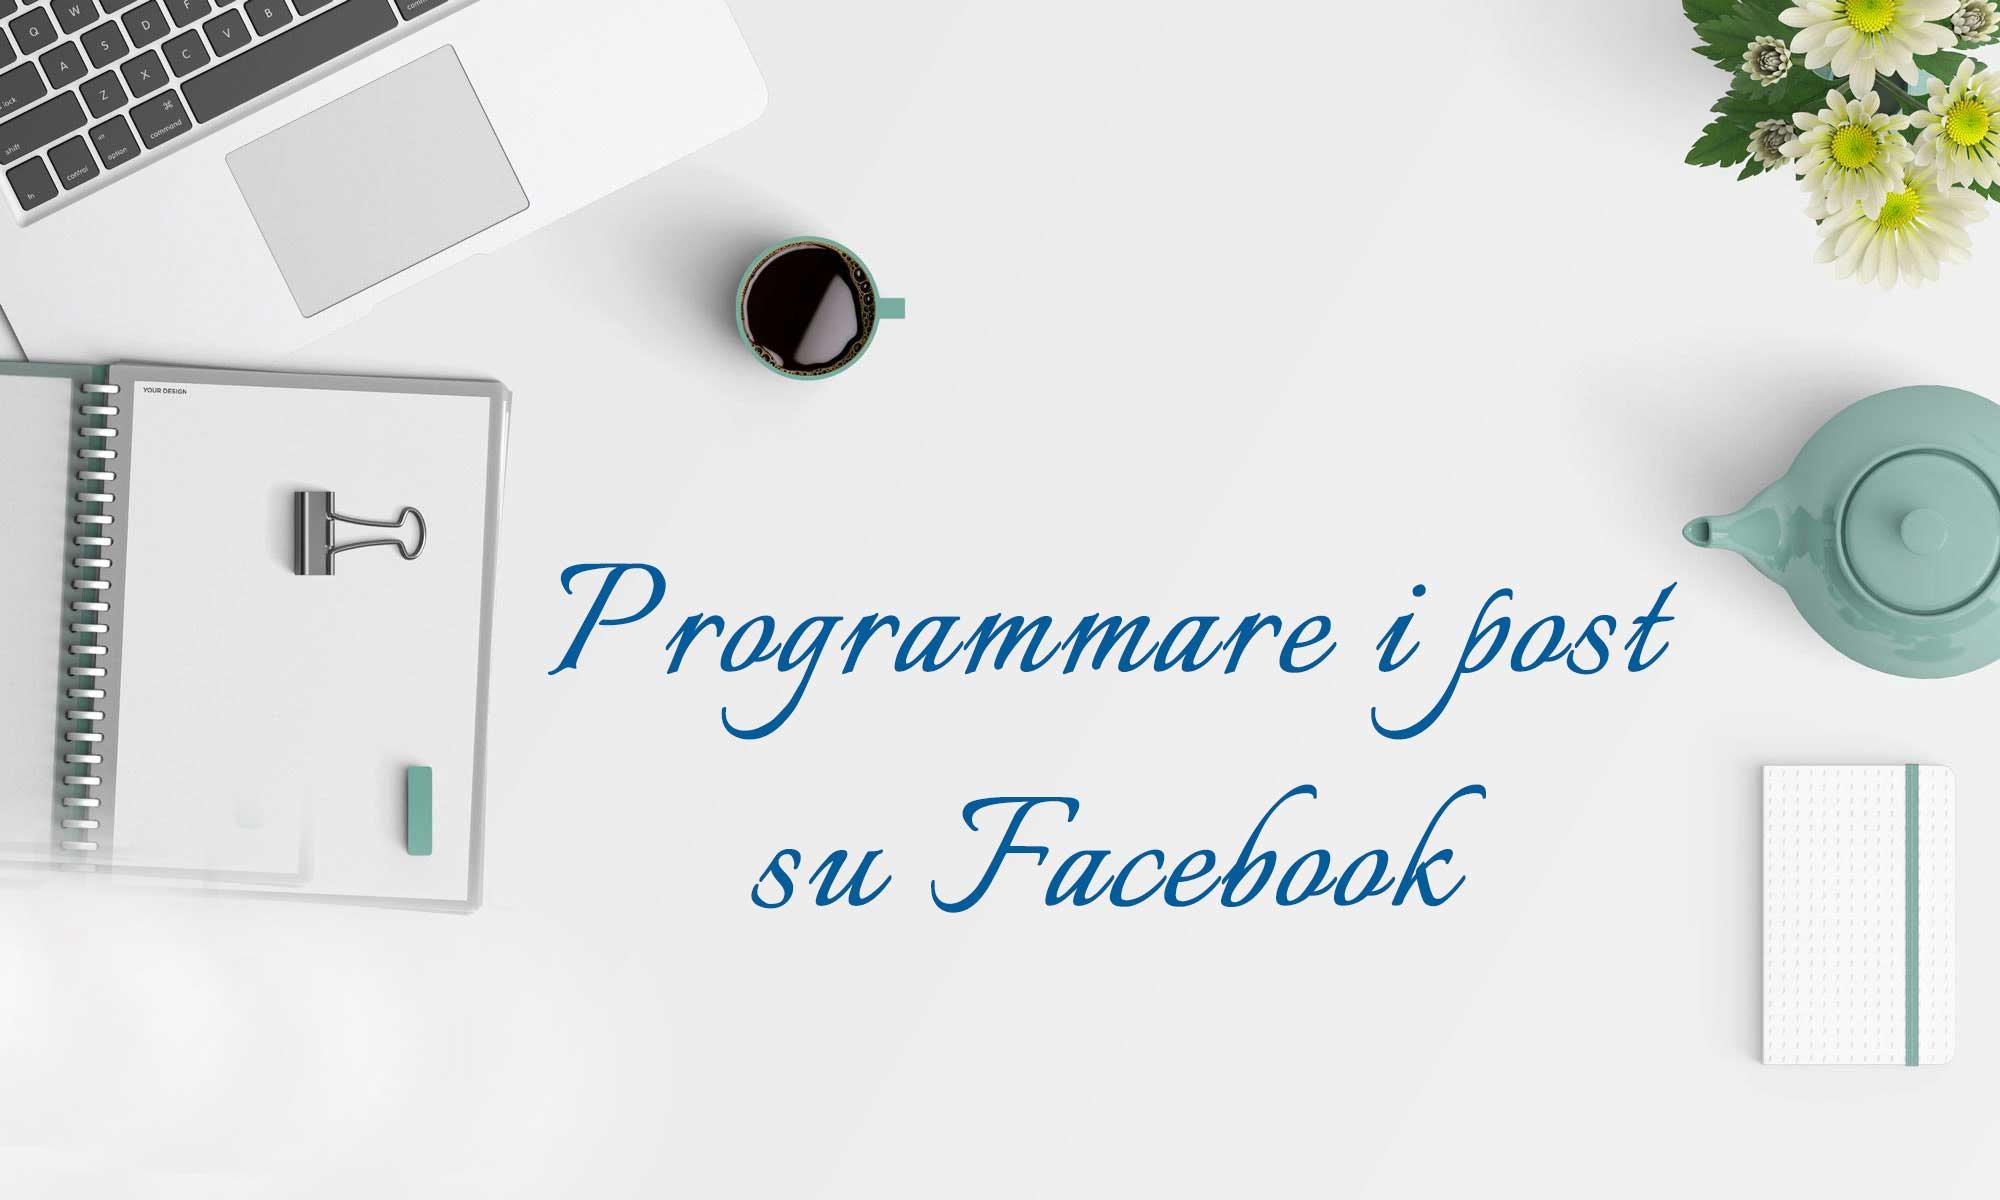 Programmare i post su Facebook